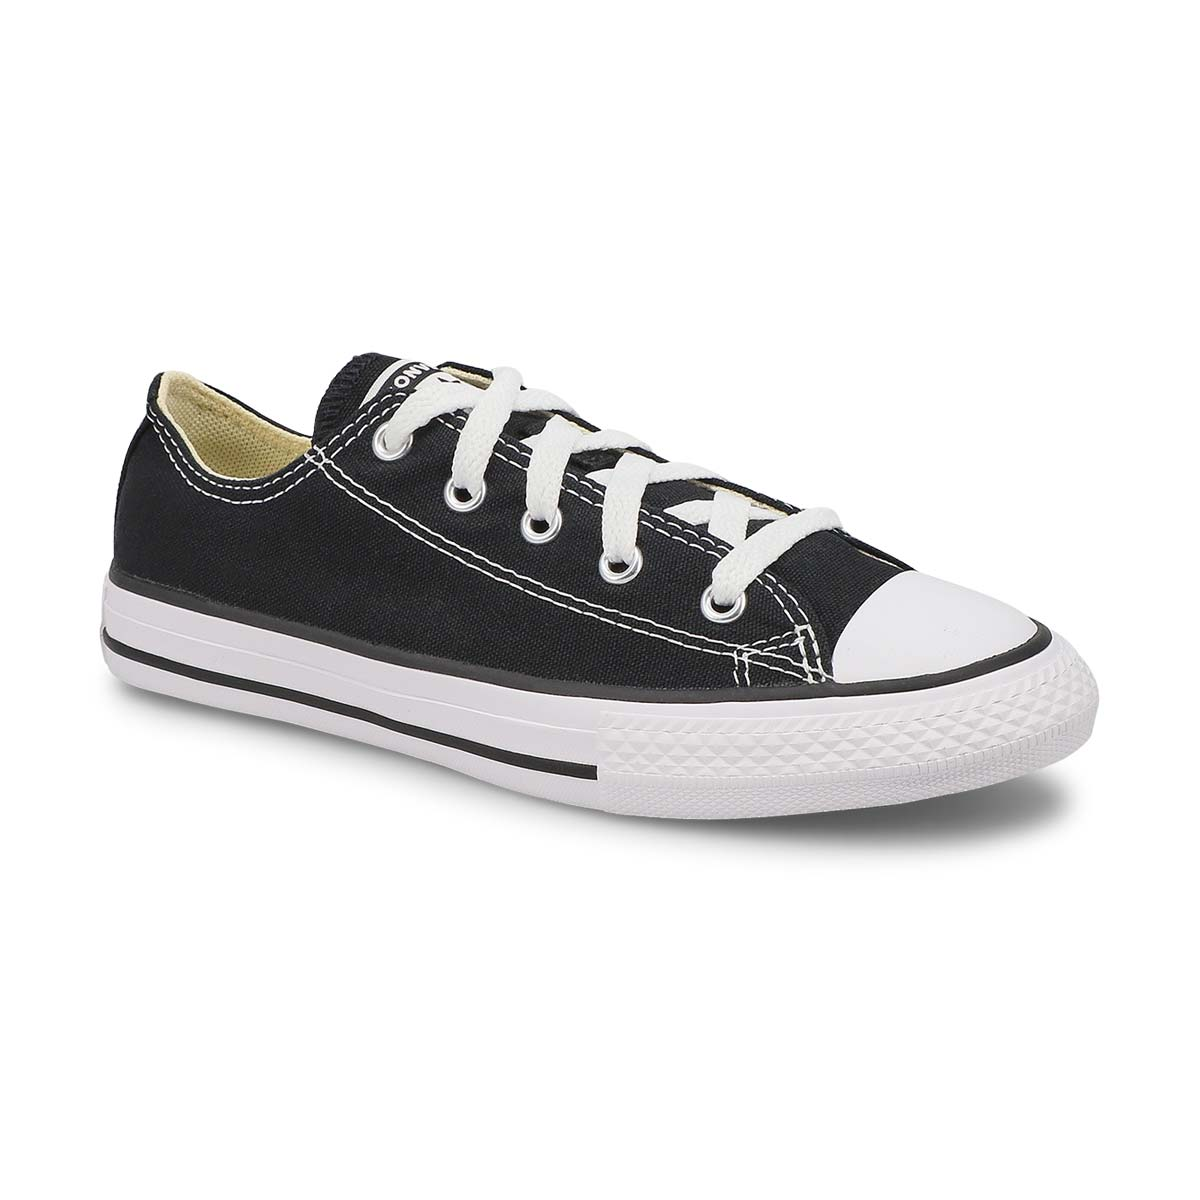 Kds CTAS Core black sneaker